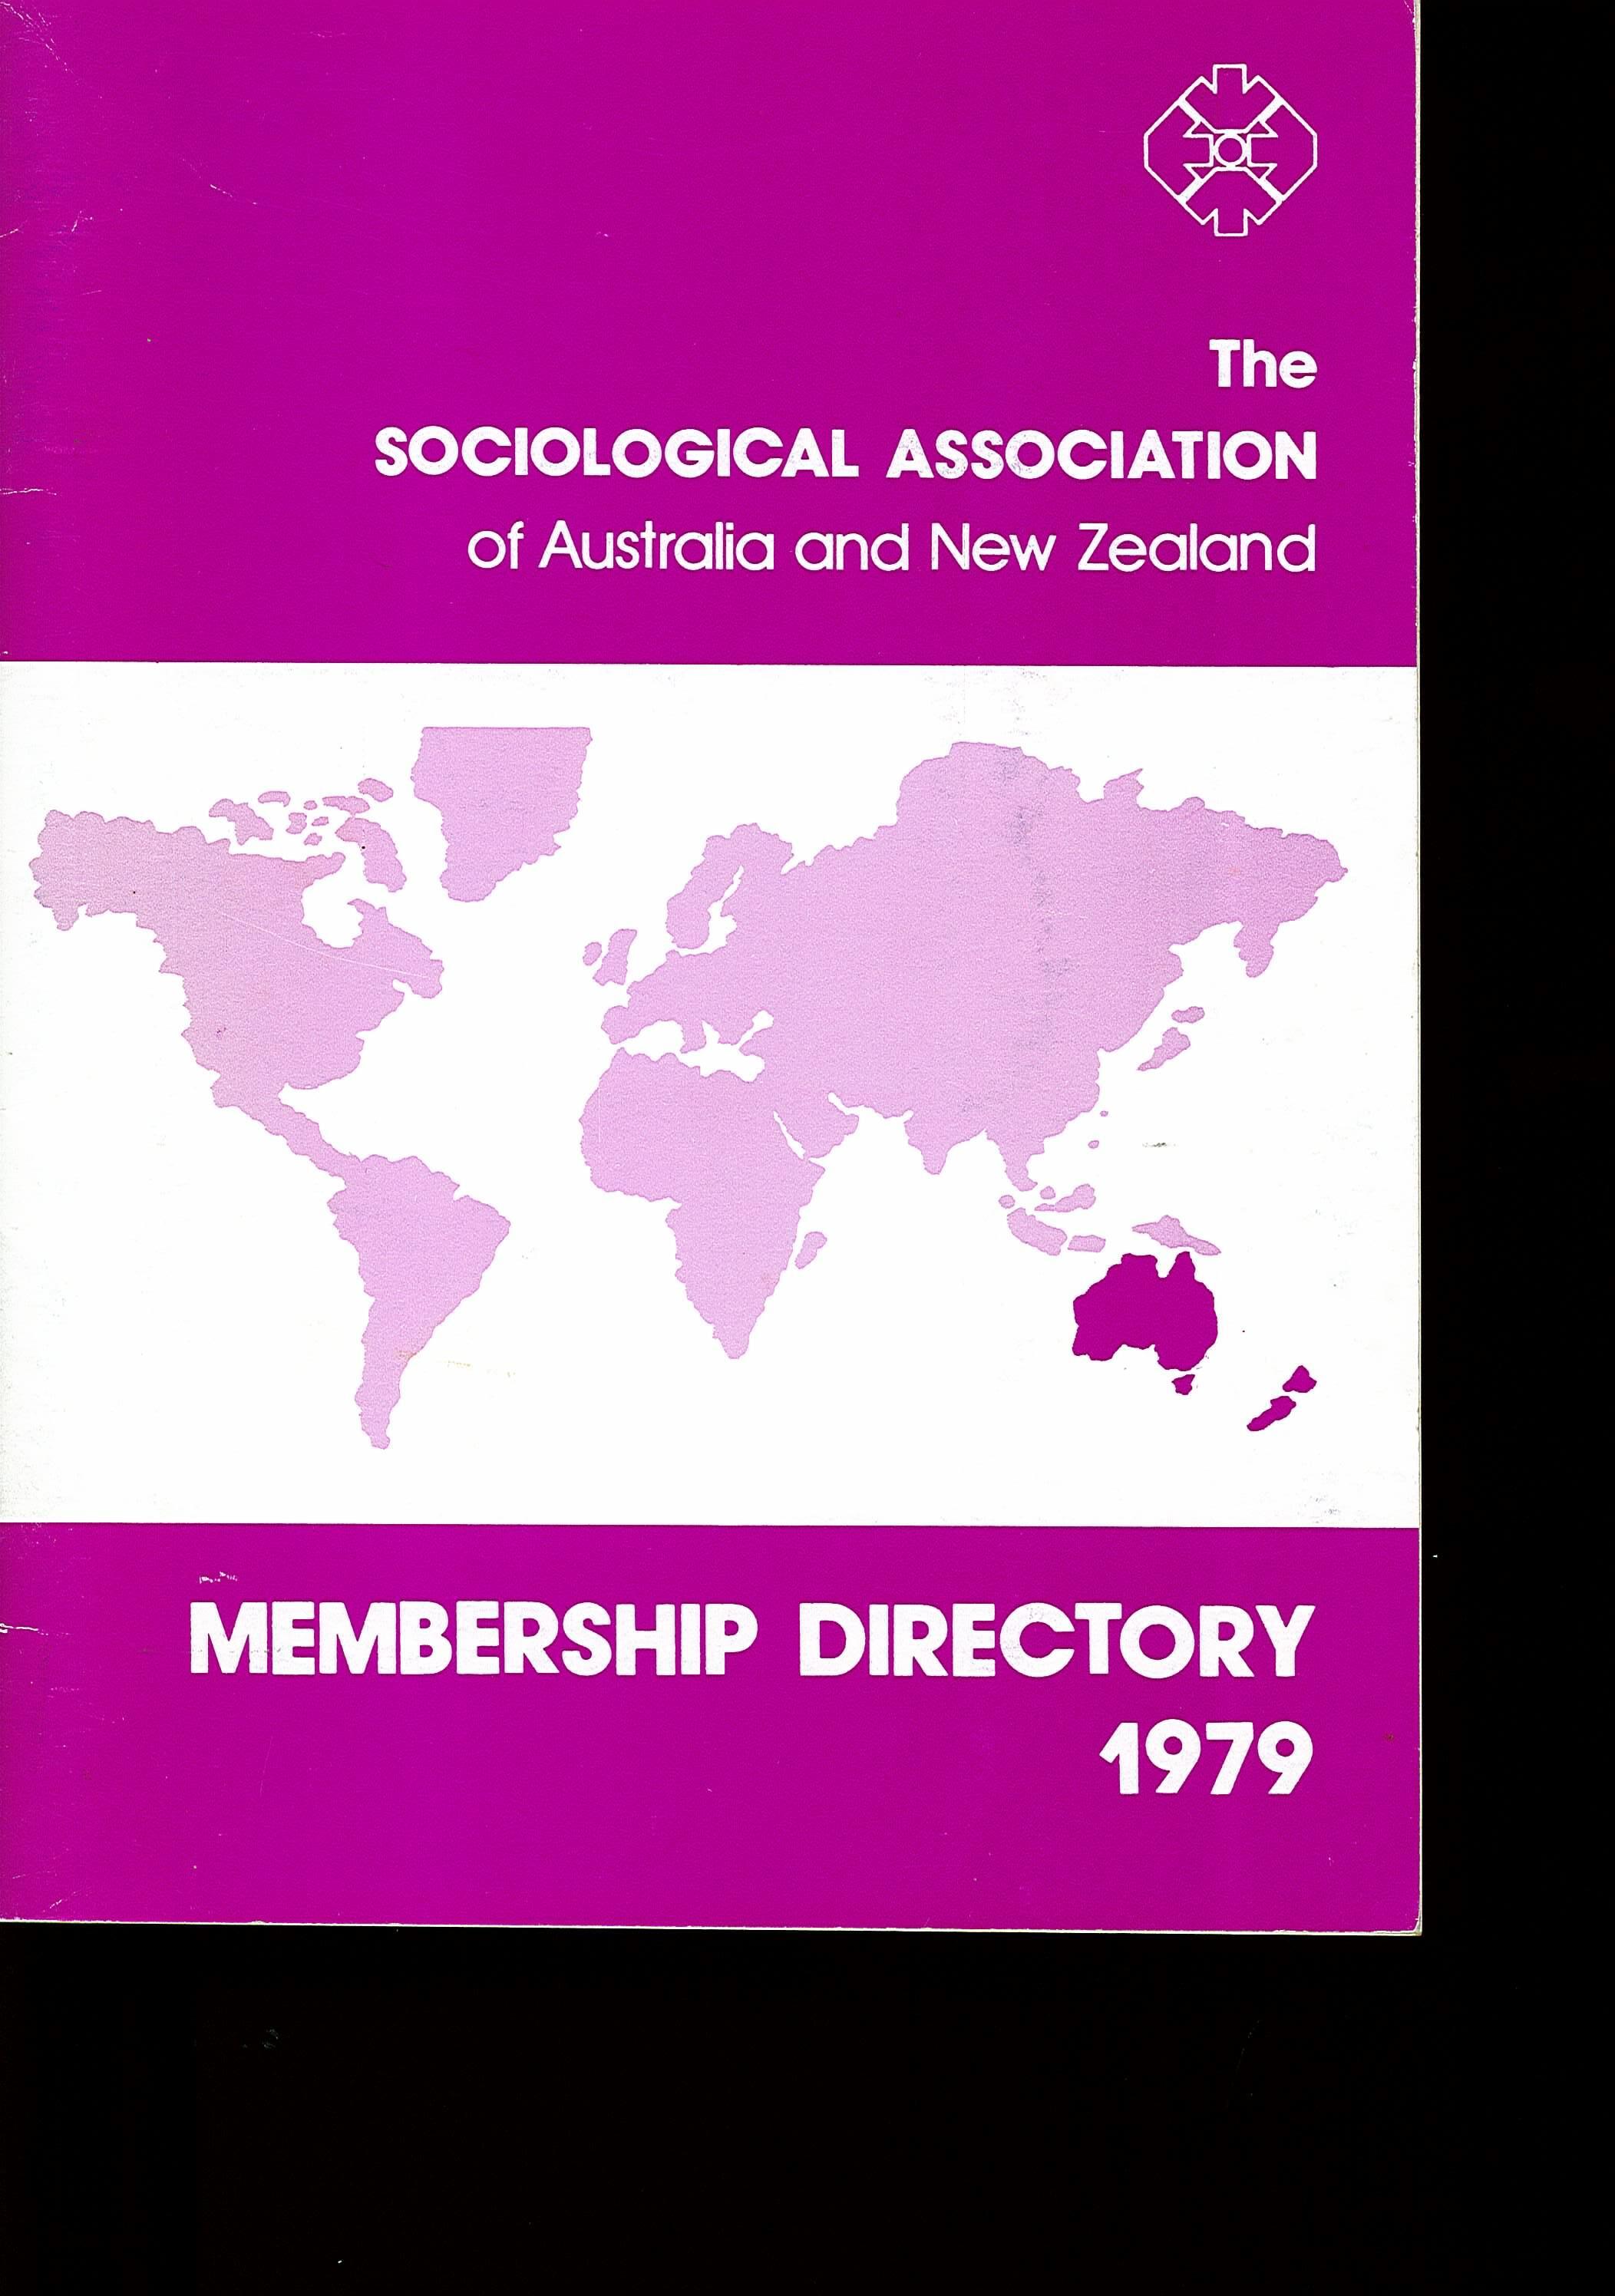 1979 membership cover